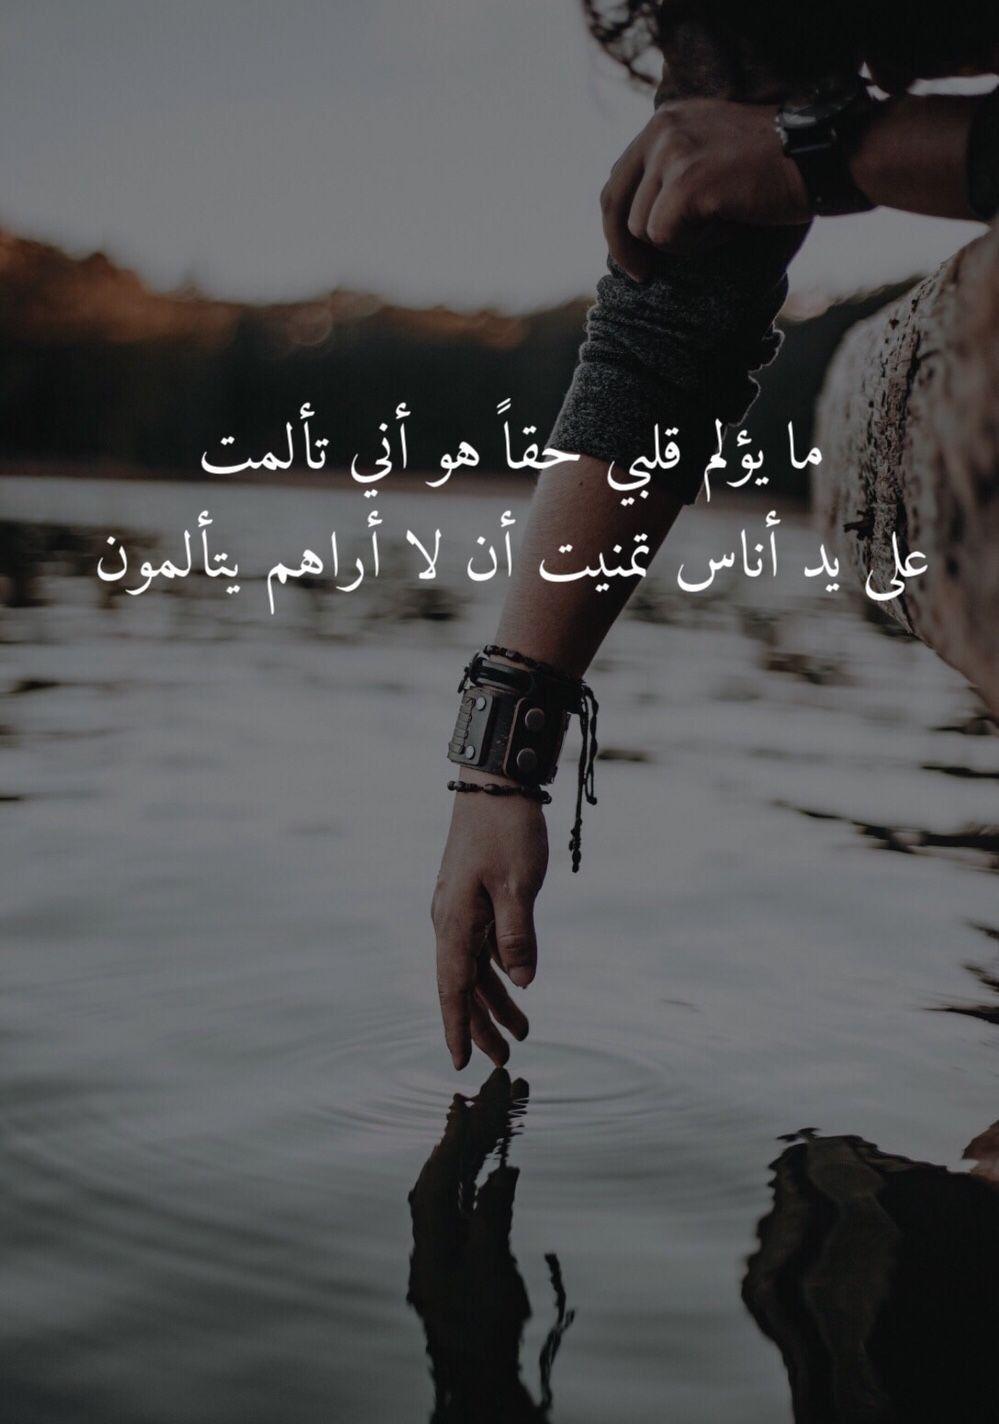 مع الاسف Words Quotes Arabic Quotes Mood Quotes